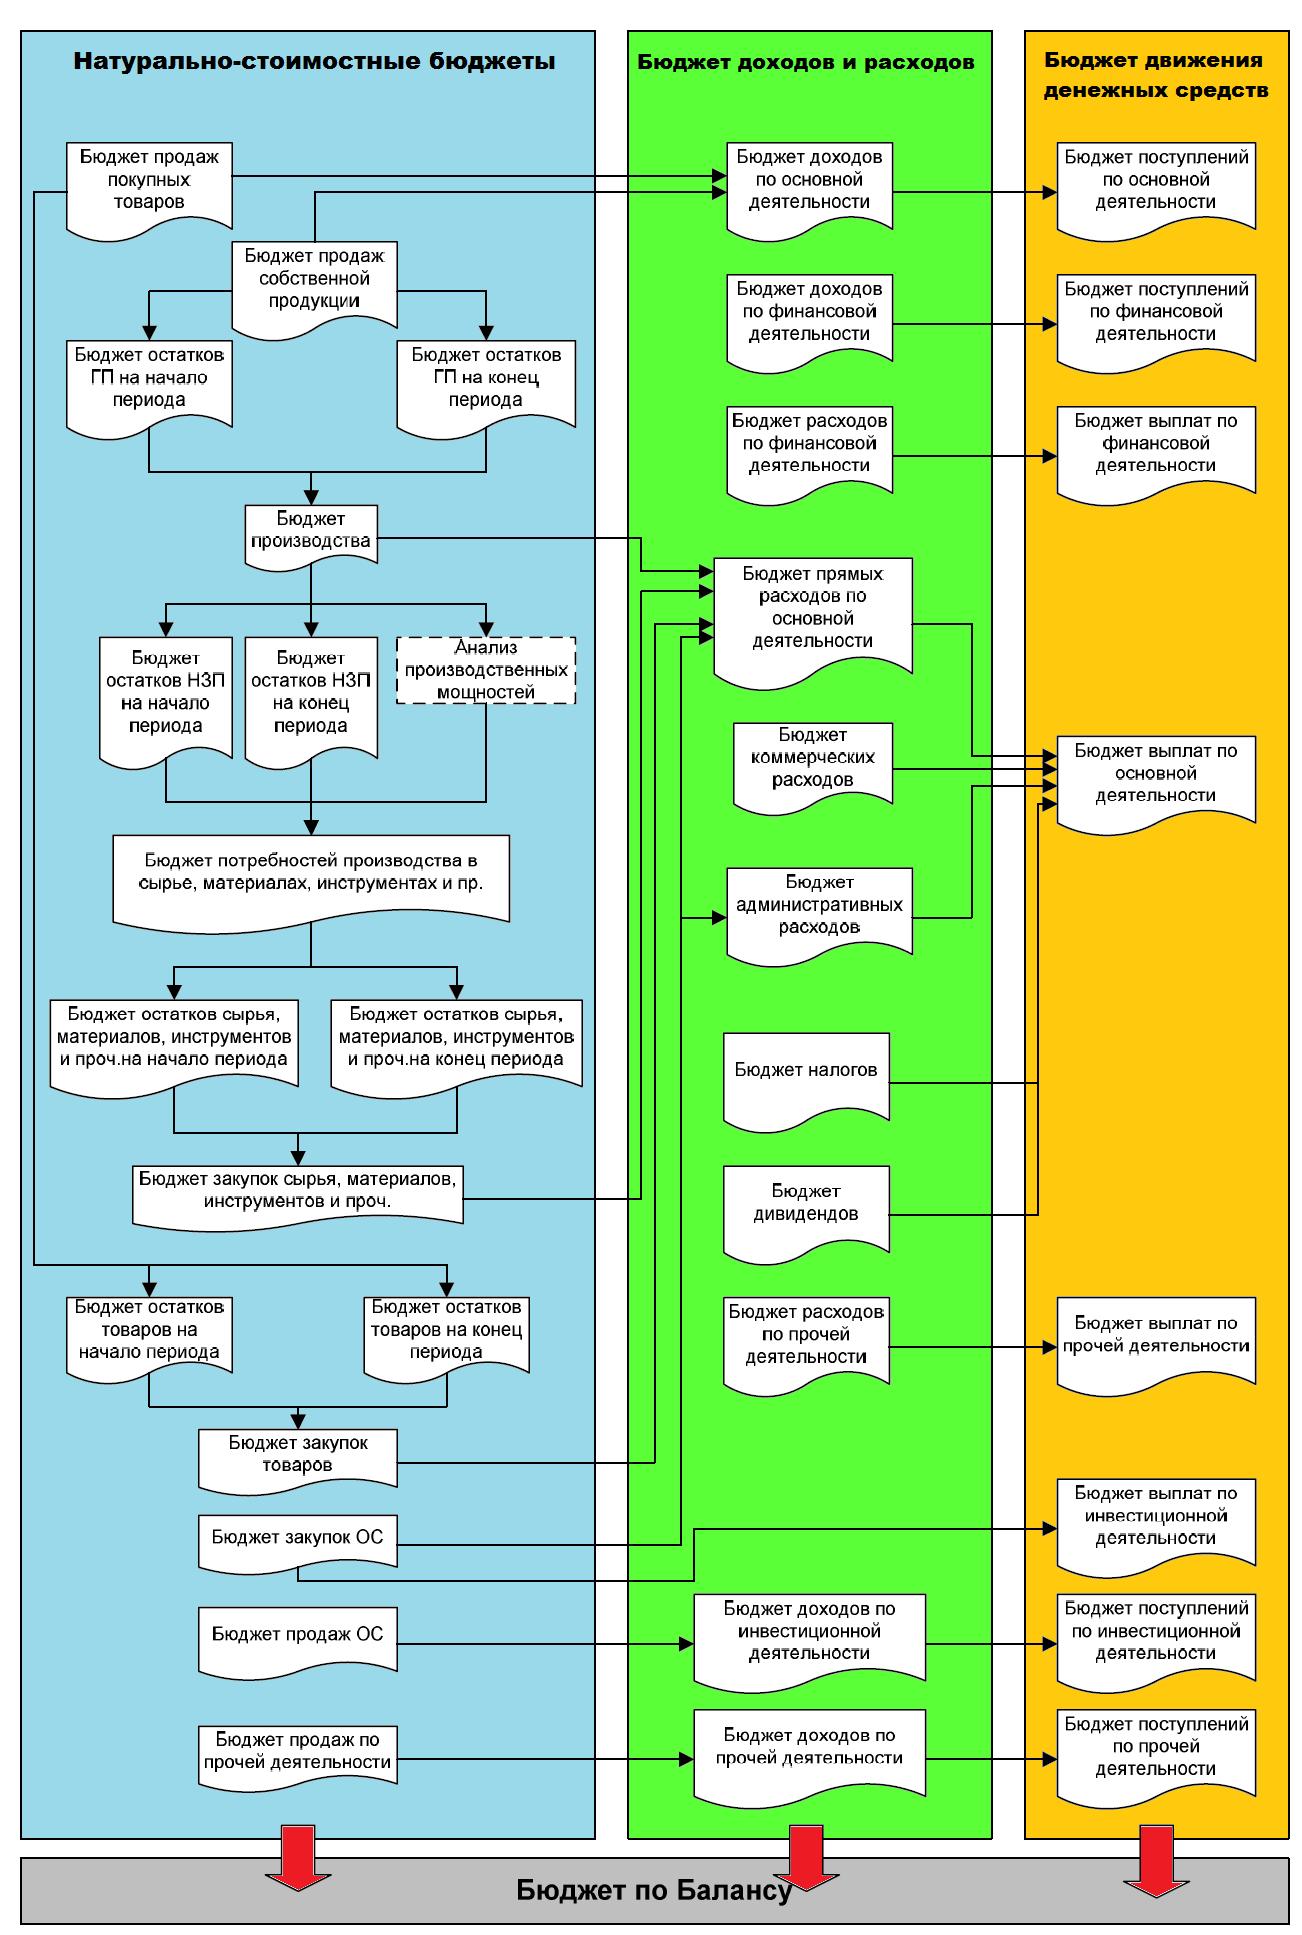 Разработка схем для налогового планирования